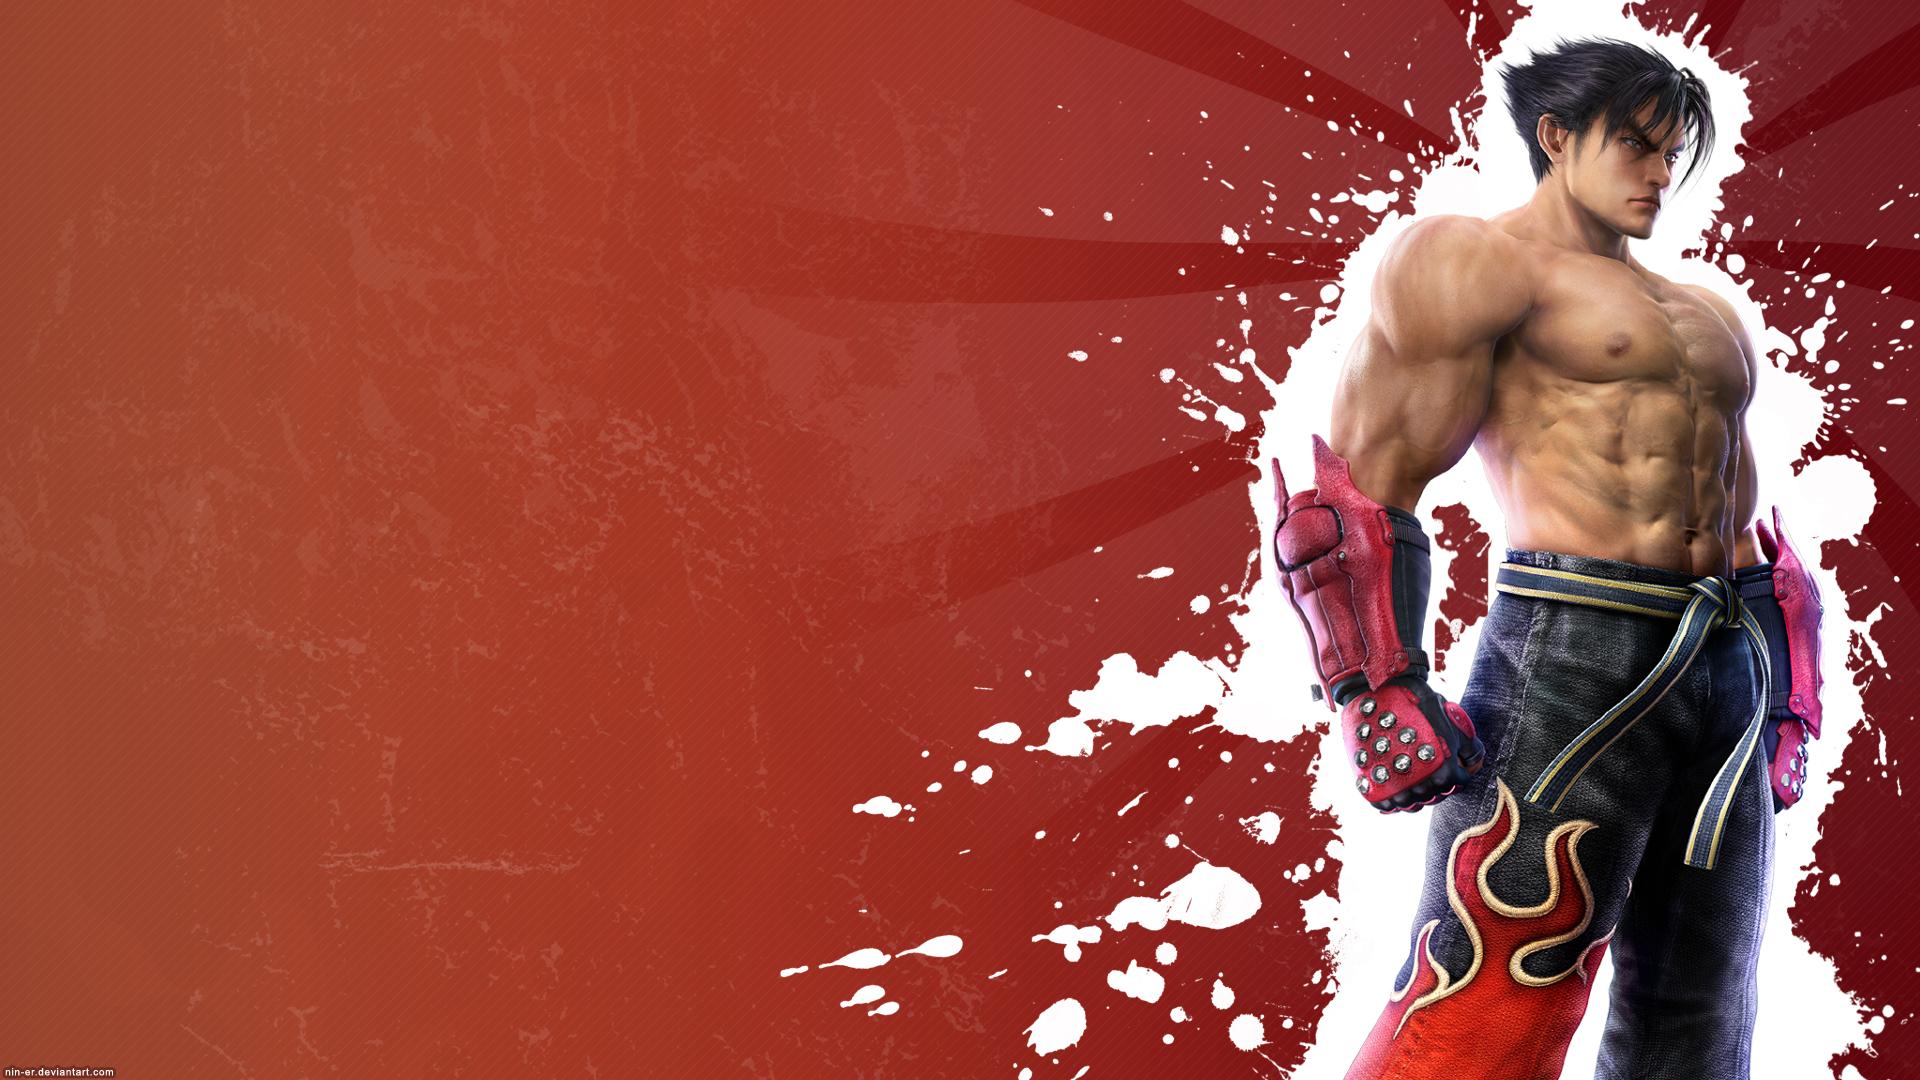 Wallpapers De Tekken Imágenes En Taringa